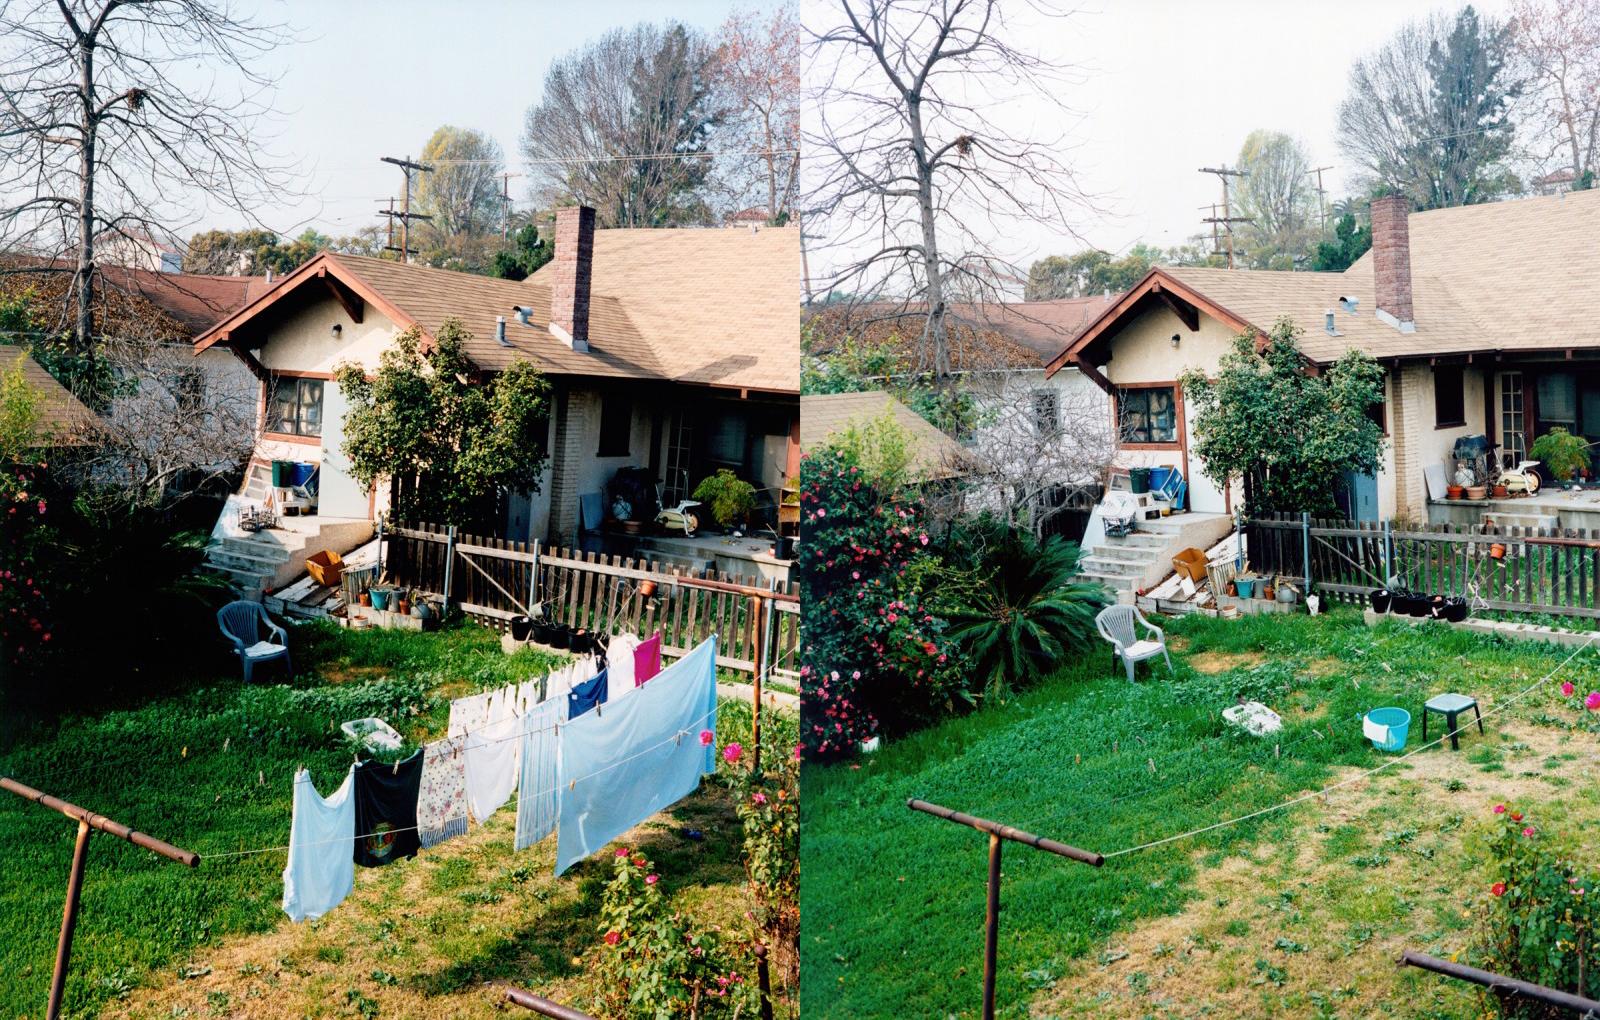 ec_backyard_14-15.jpg